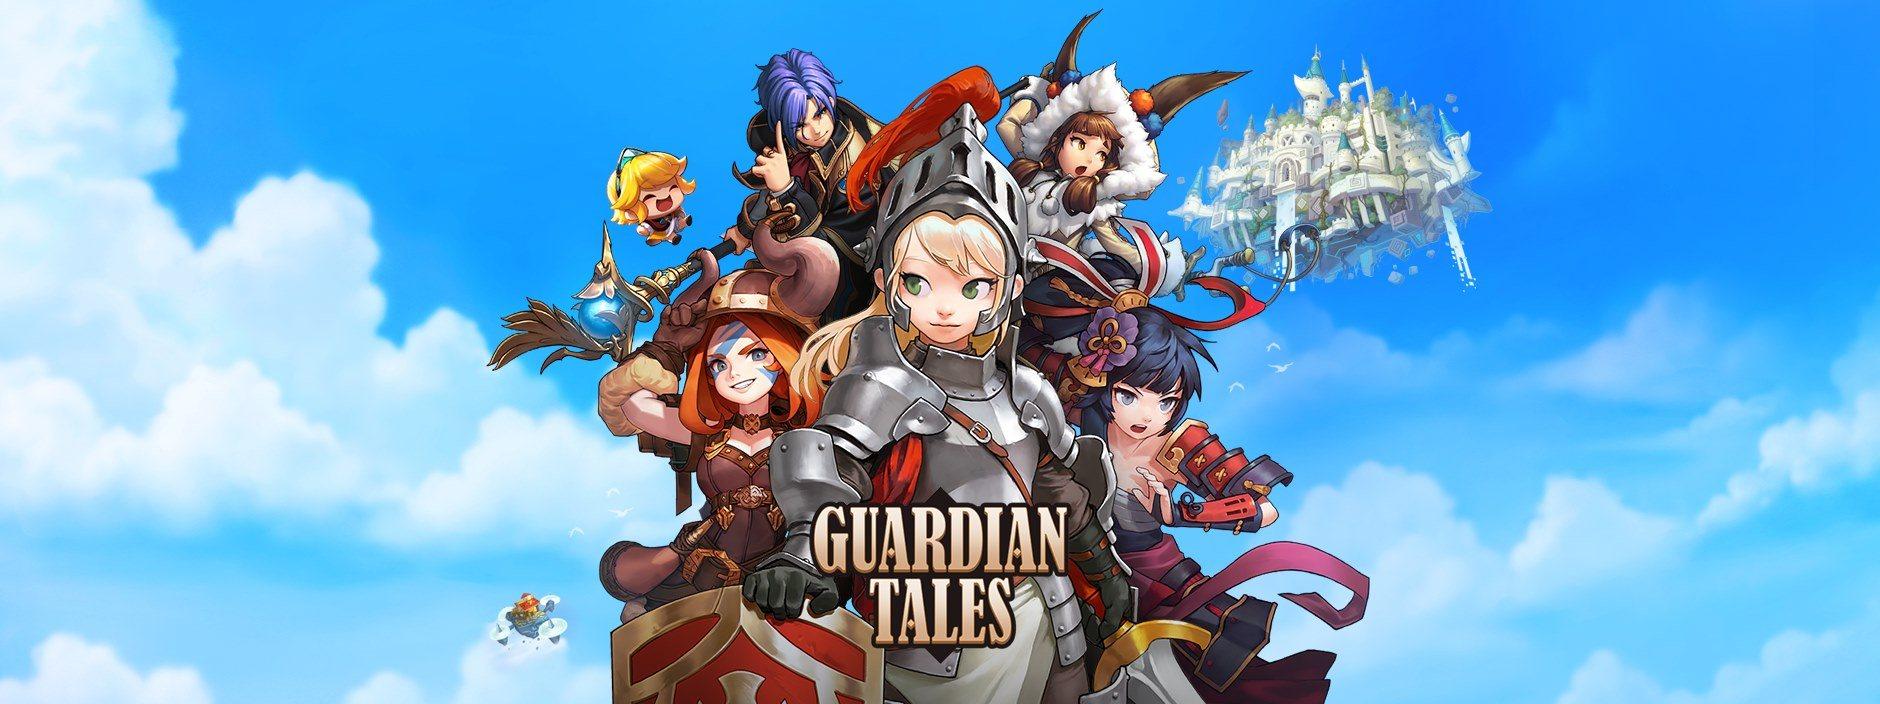 Guardian Tales Codes Full List